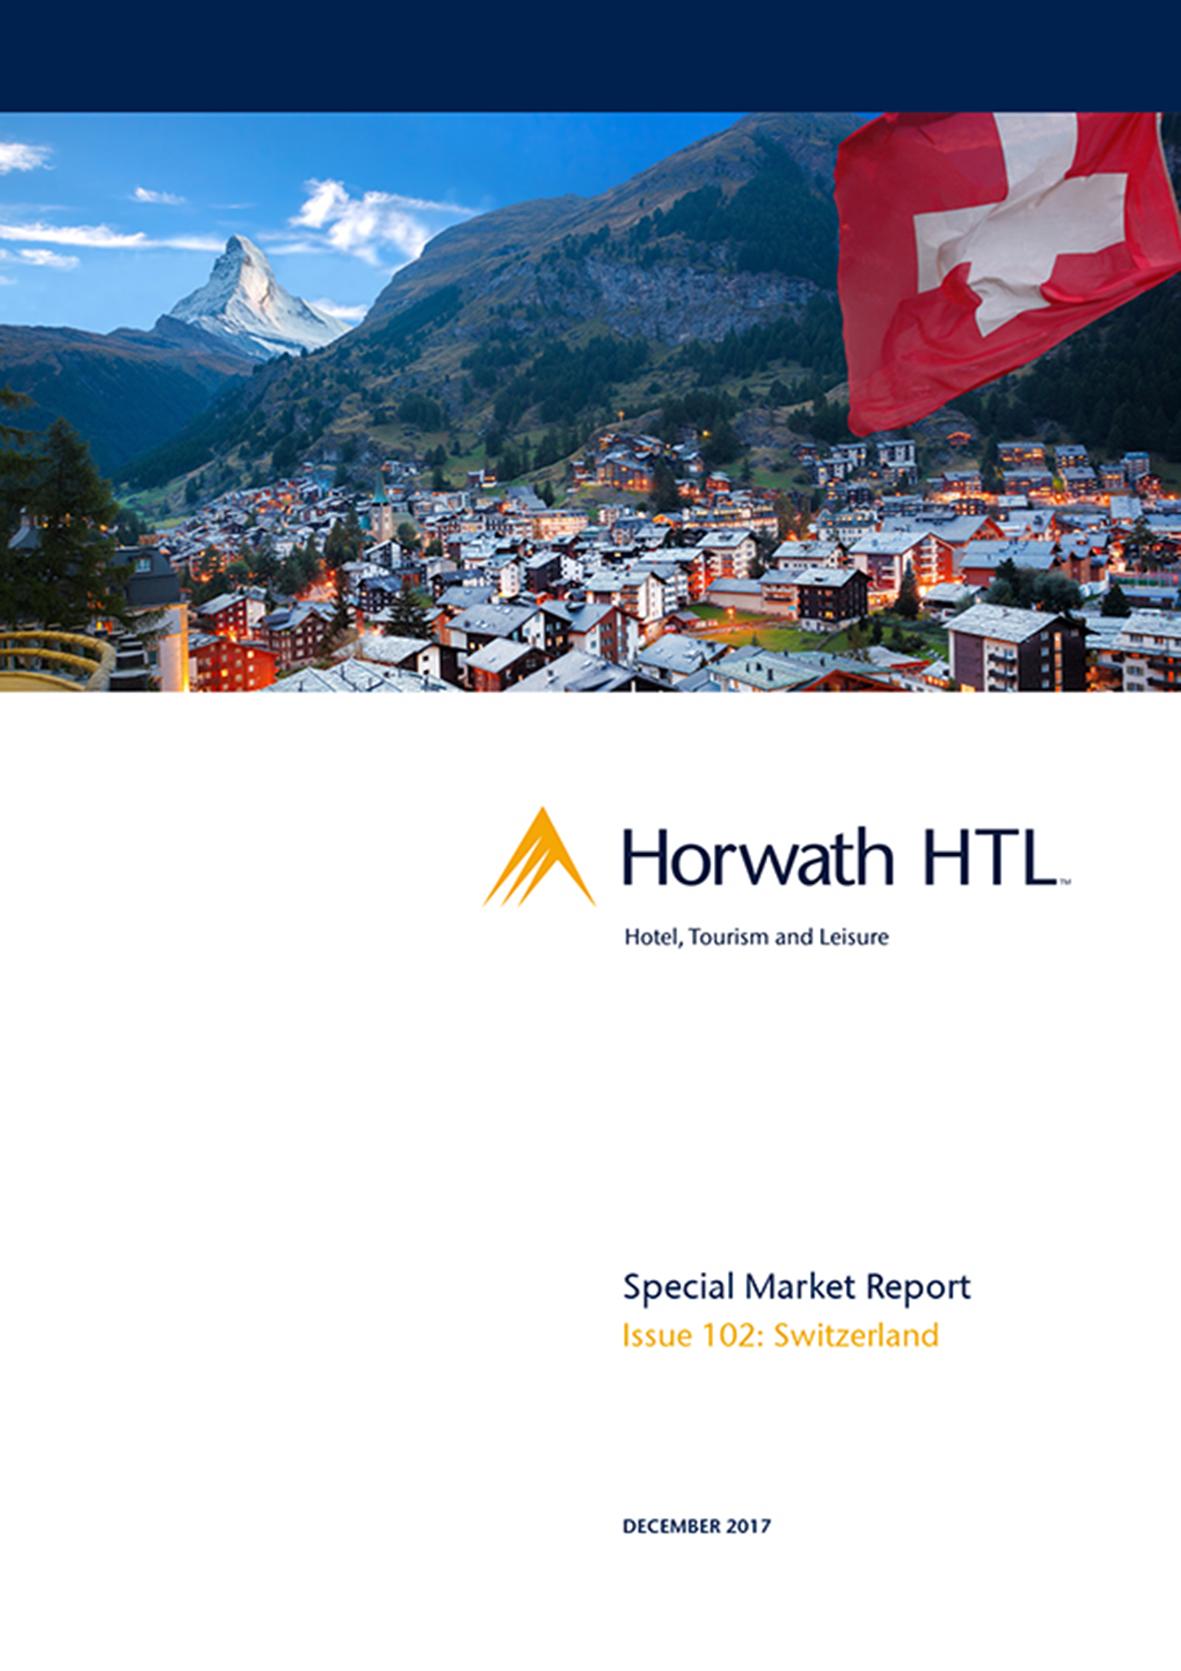 Market Report: Switzerland